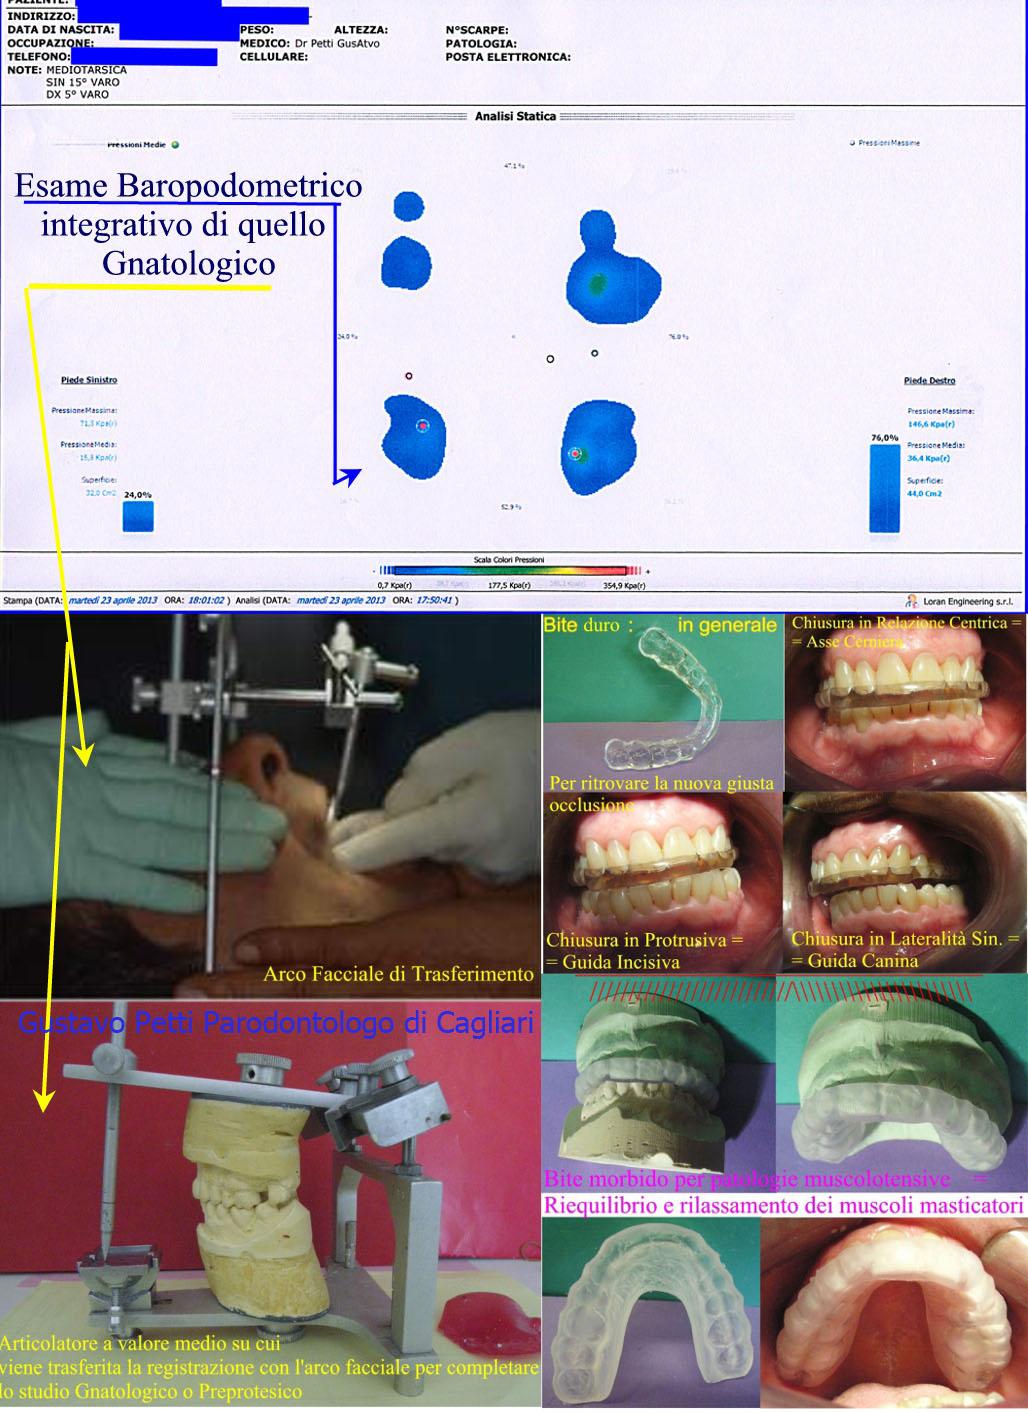 Dr. Gustavo Petti Parodontologo Gnatologo di Cagliari e Riabilitatore in Casi Clinici Complessi.Arco Facciale, Stabilometria Computerizzata e Vari Tipi di Bite come parte di Diagnosi Gnatologica